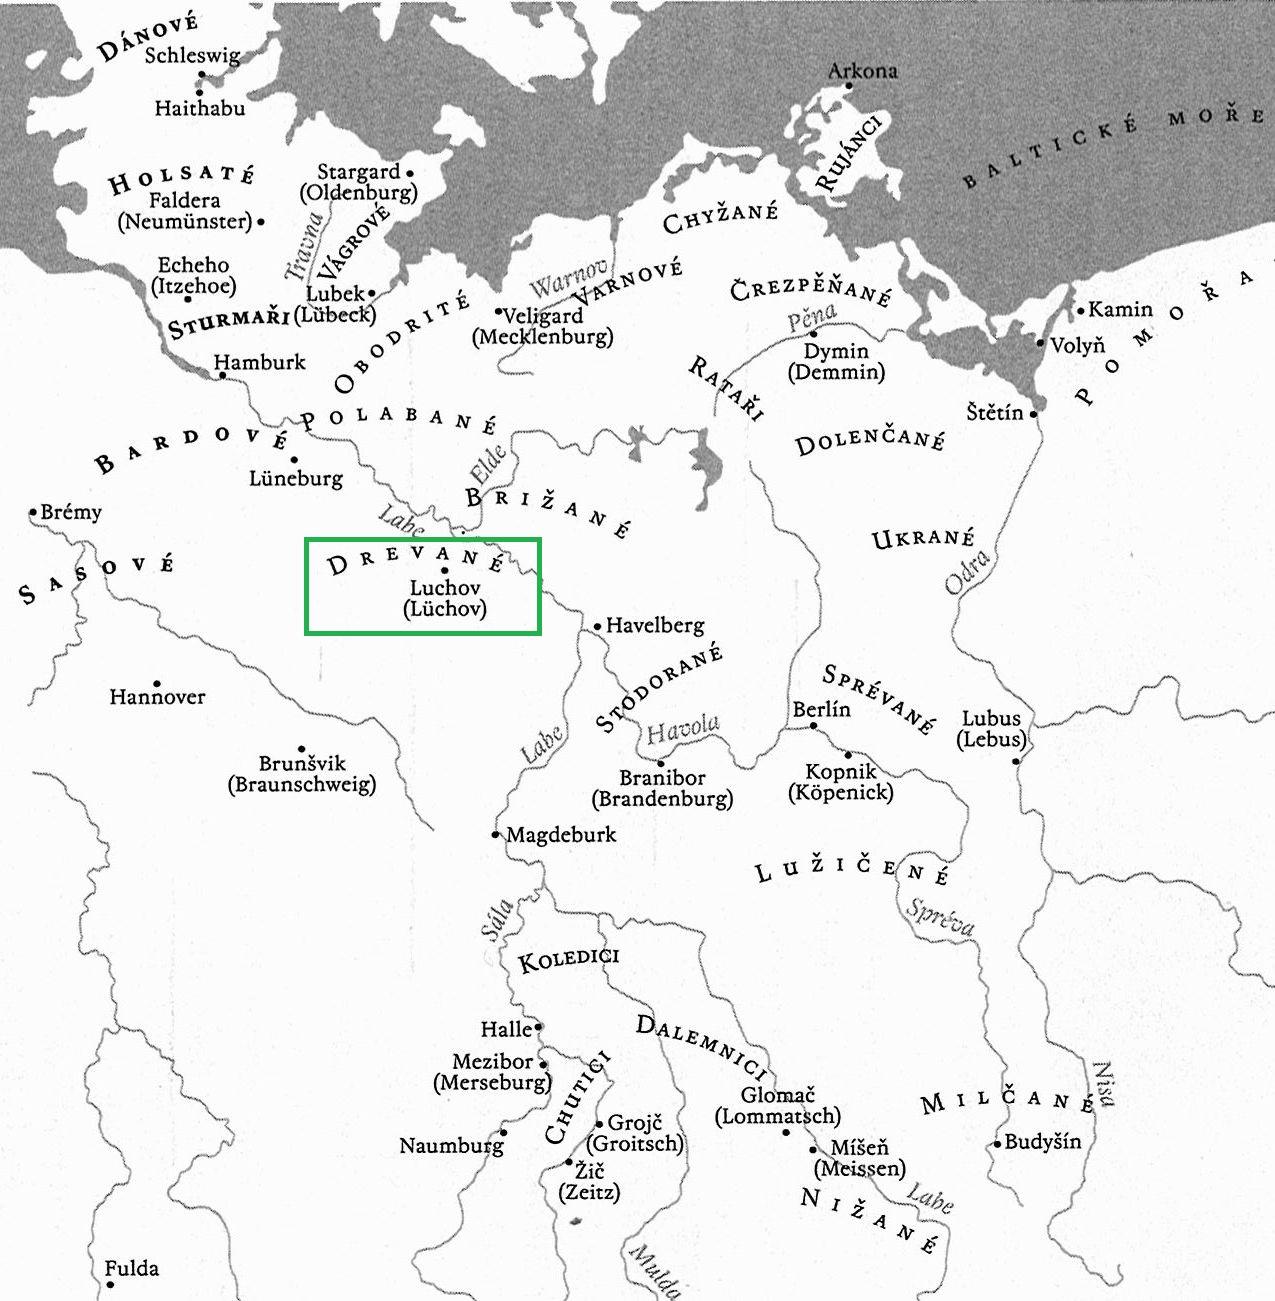 Drevané - Polabští Slované, patřili ke kmenovému svazu Obodritů, kteří obývali a ovládali severozápadní část Pobaltí, západ dněšního Meklenburska-Pomořanska.